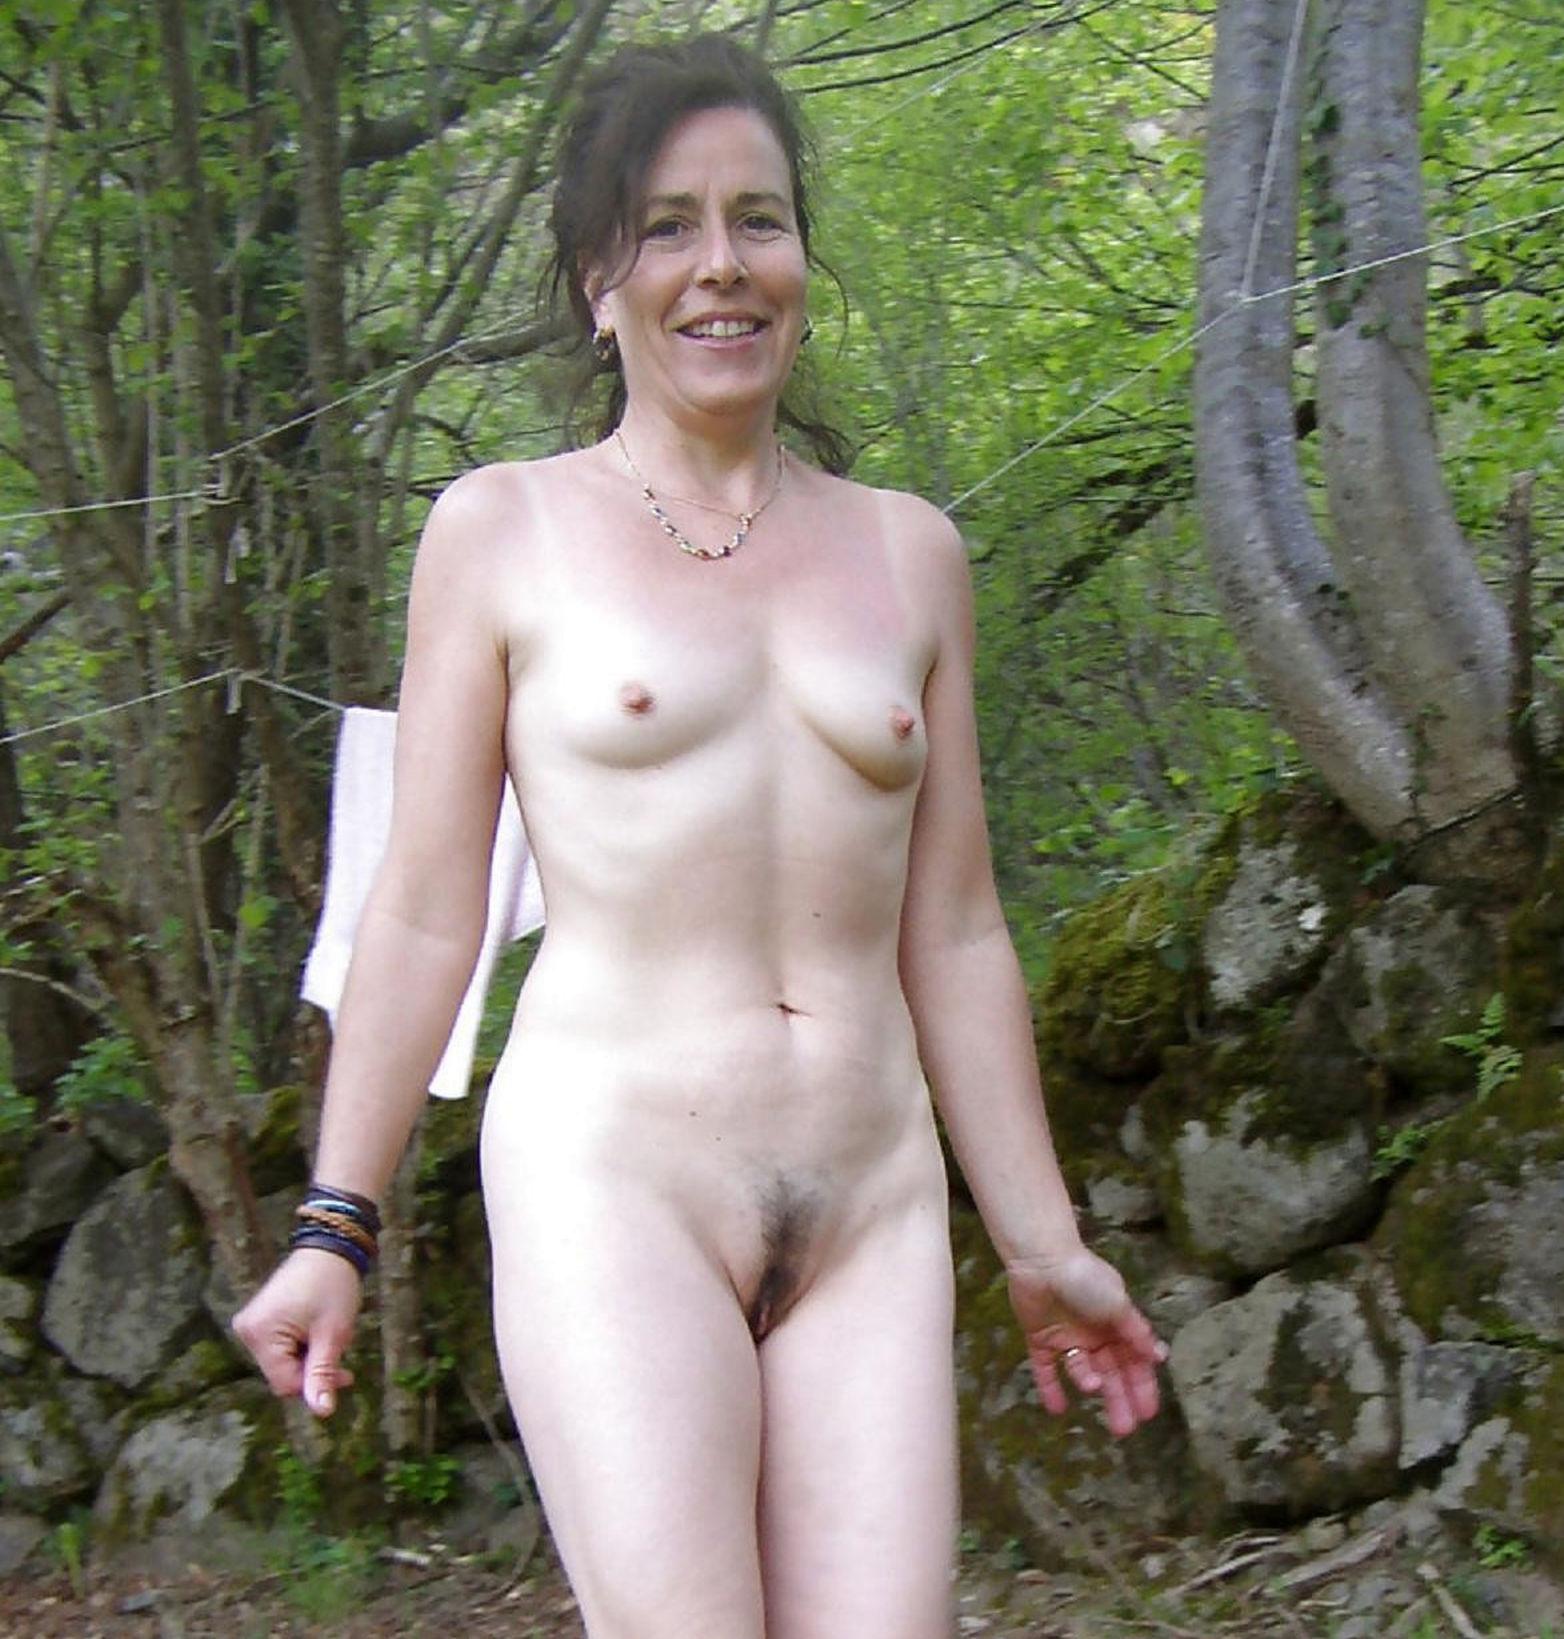 kaley cuoco latest nudes